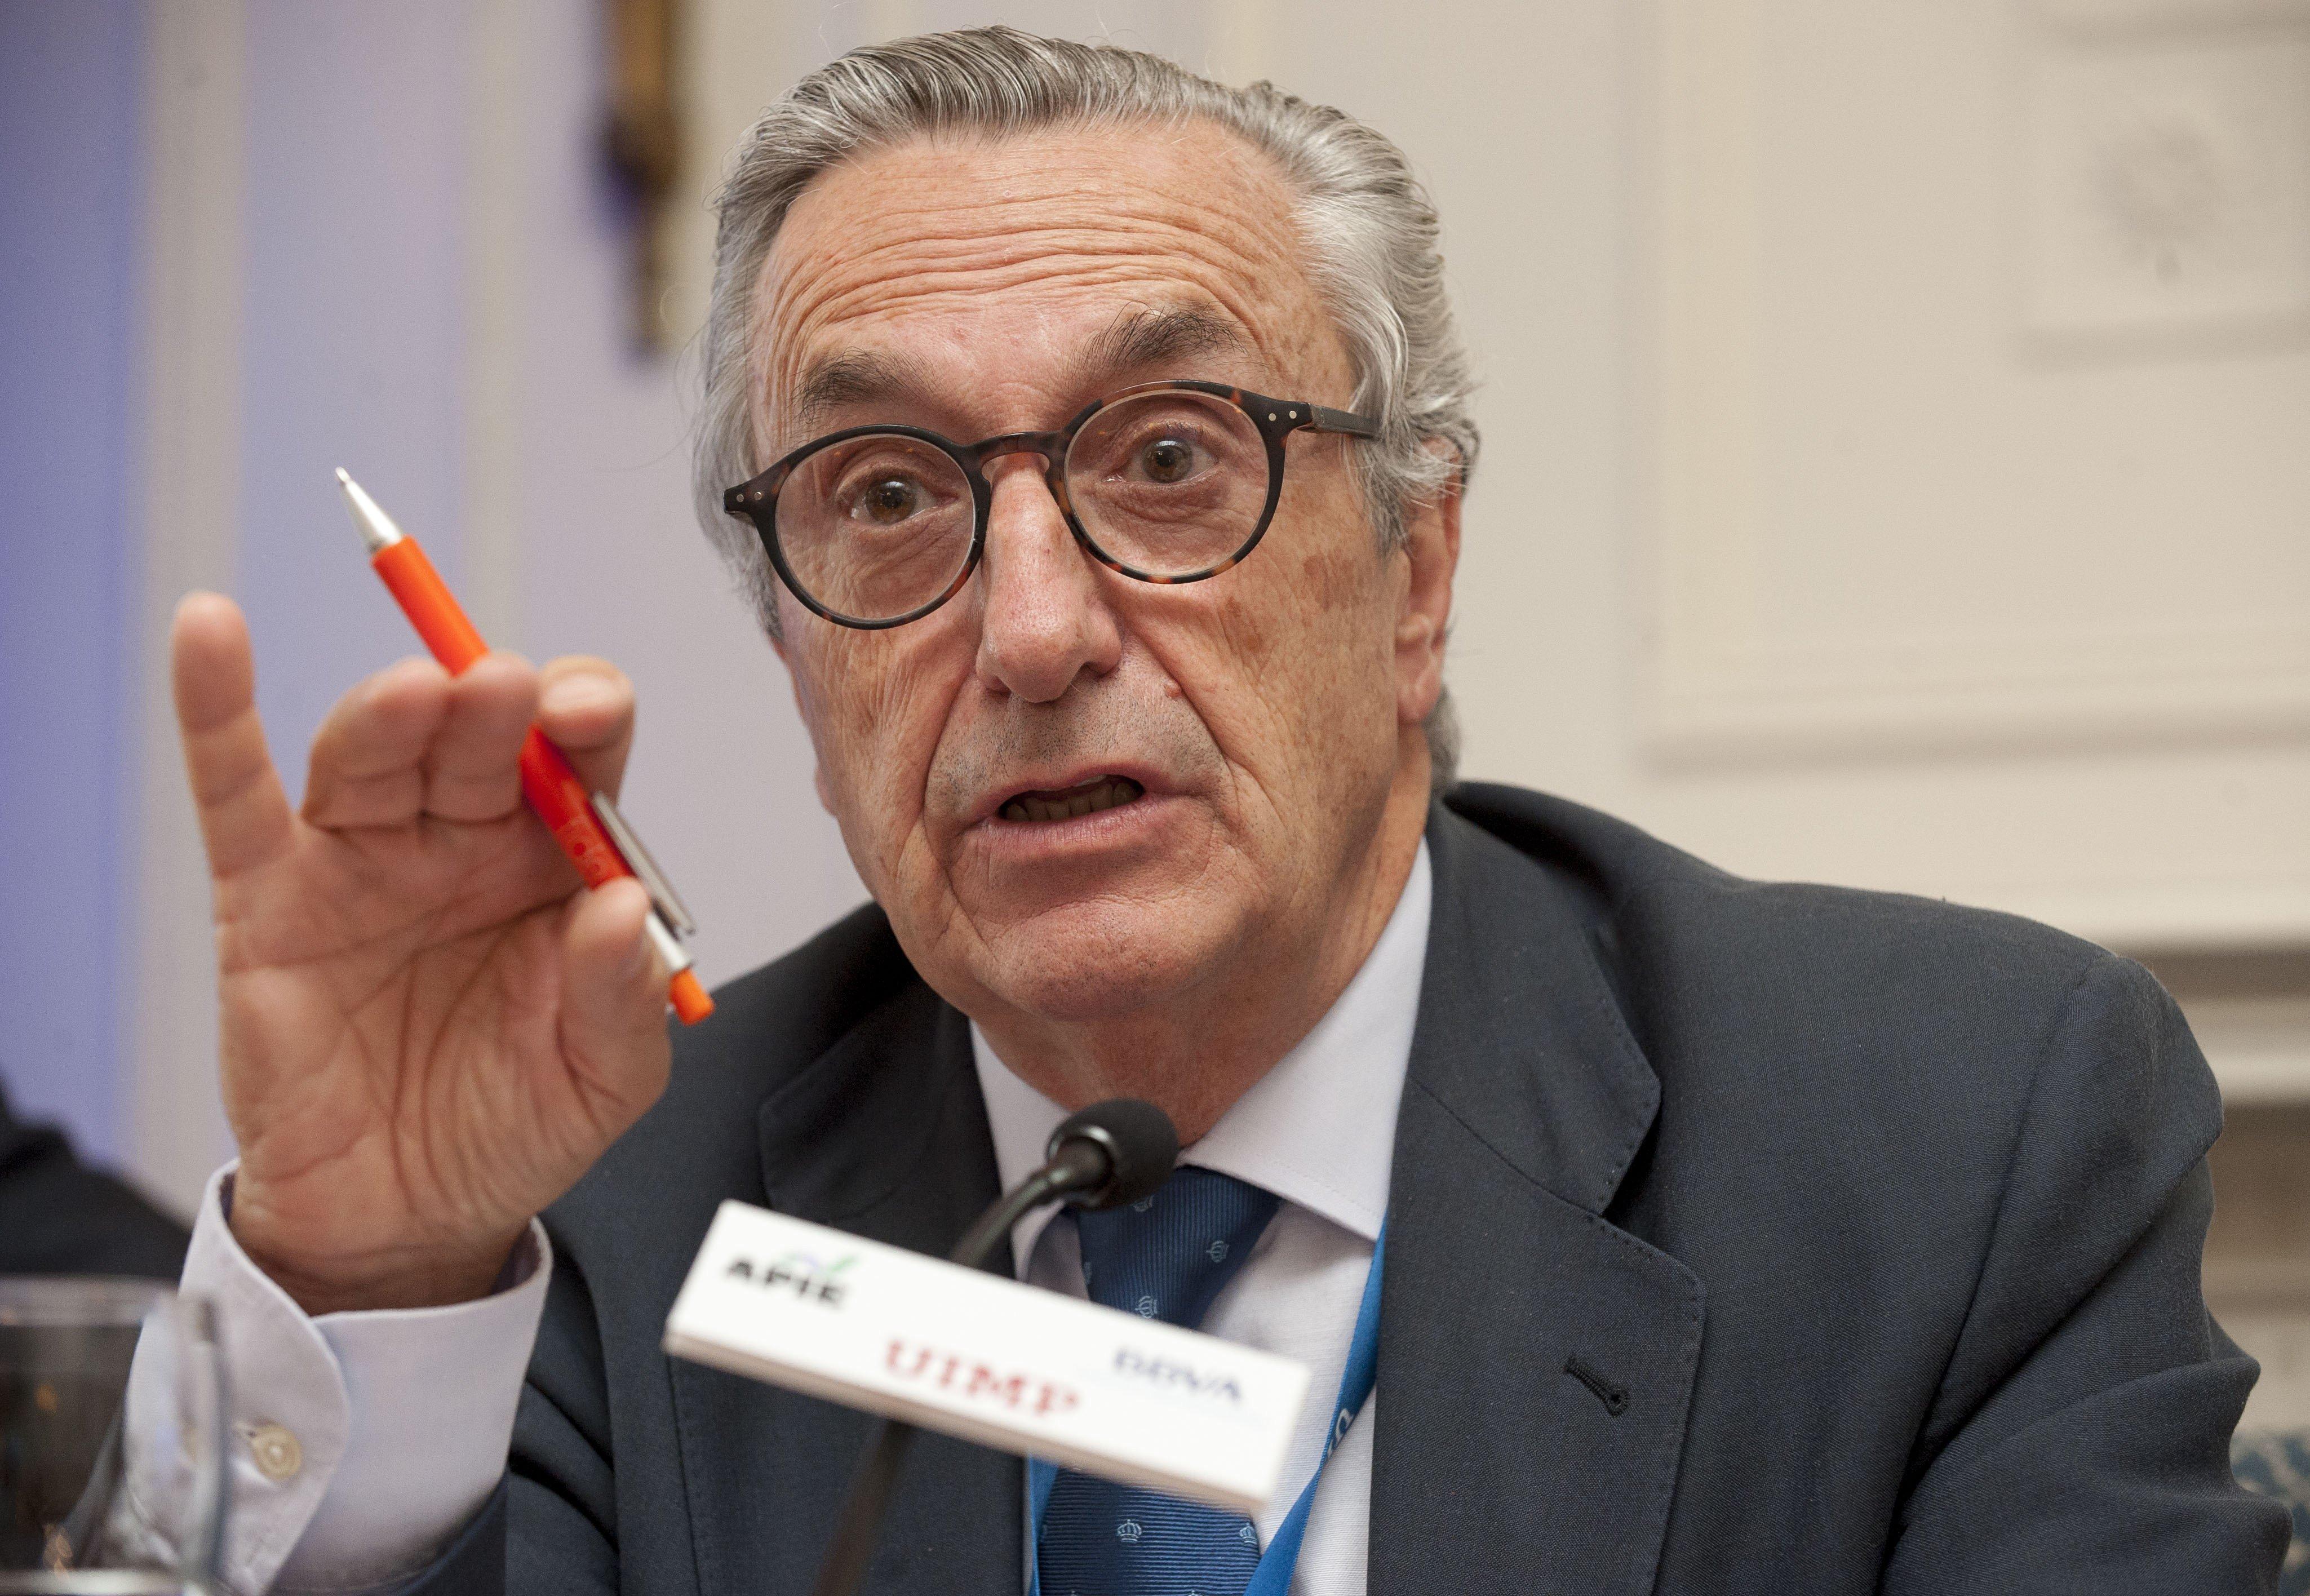 José María Marín Quemada, presidente de la CNMC en salida, ha acabado cediendo en las circulares de la luz y el gas